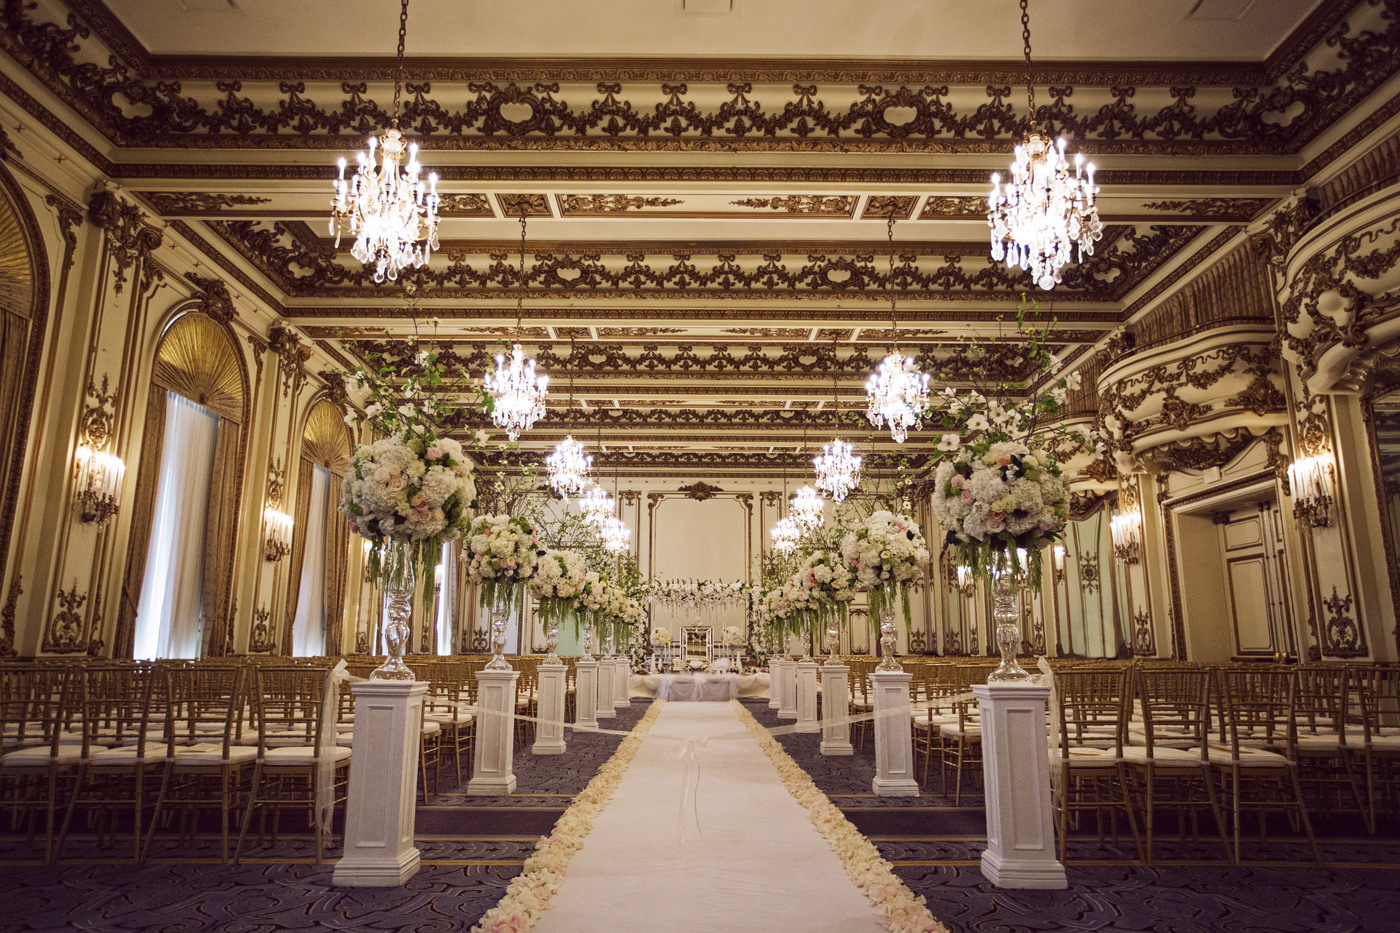 064_DukePhotography_DukeImages_Wedding_Details.jpg